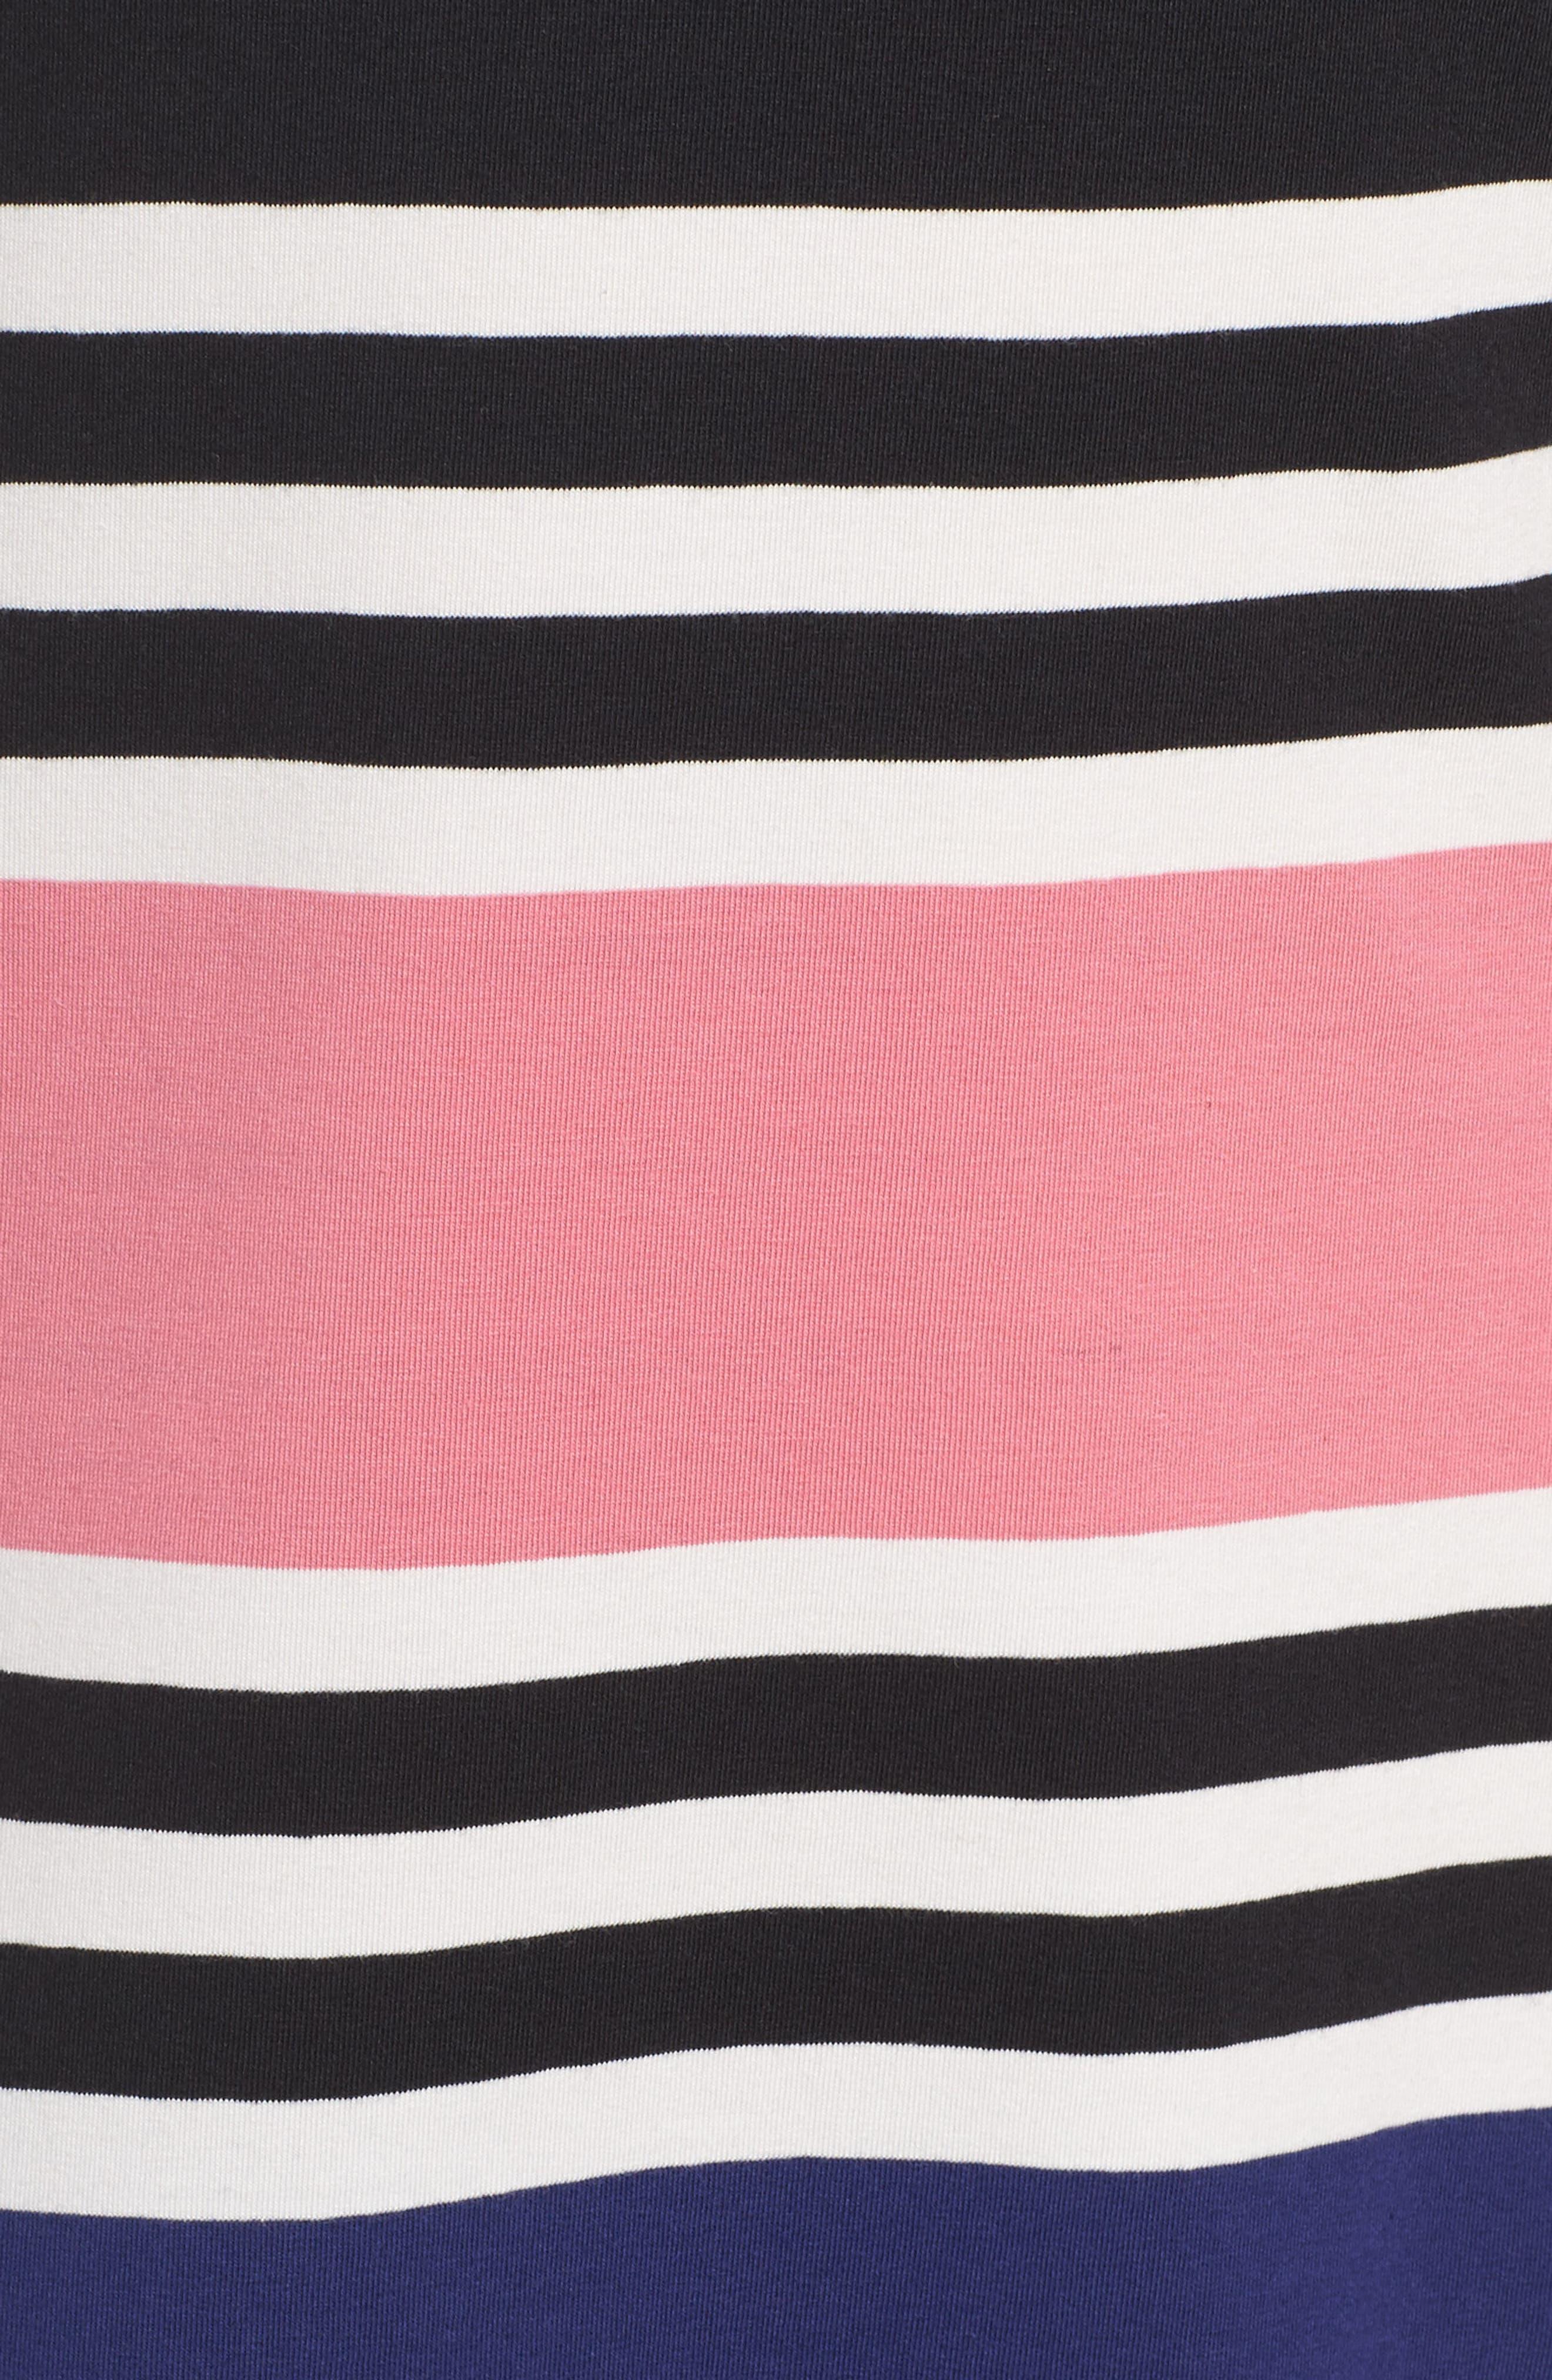 Multi Jag Stripe T-Shirt Dress,                             Alternate thumbnail 5, color,